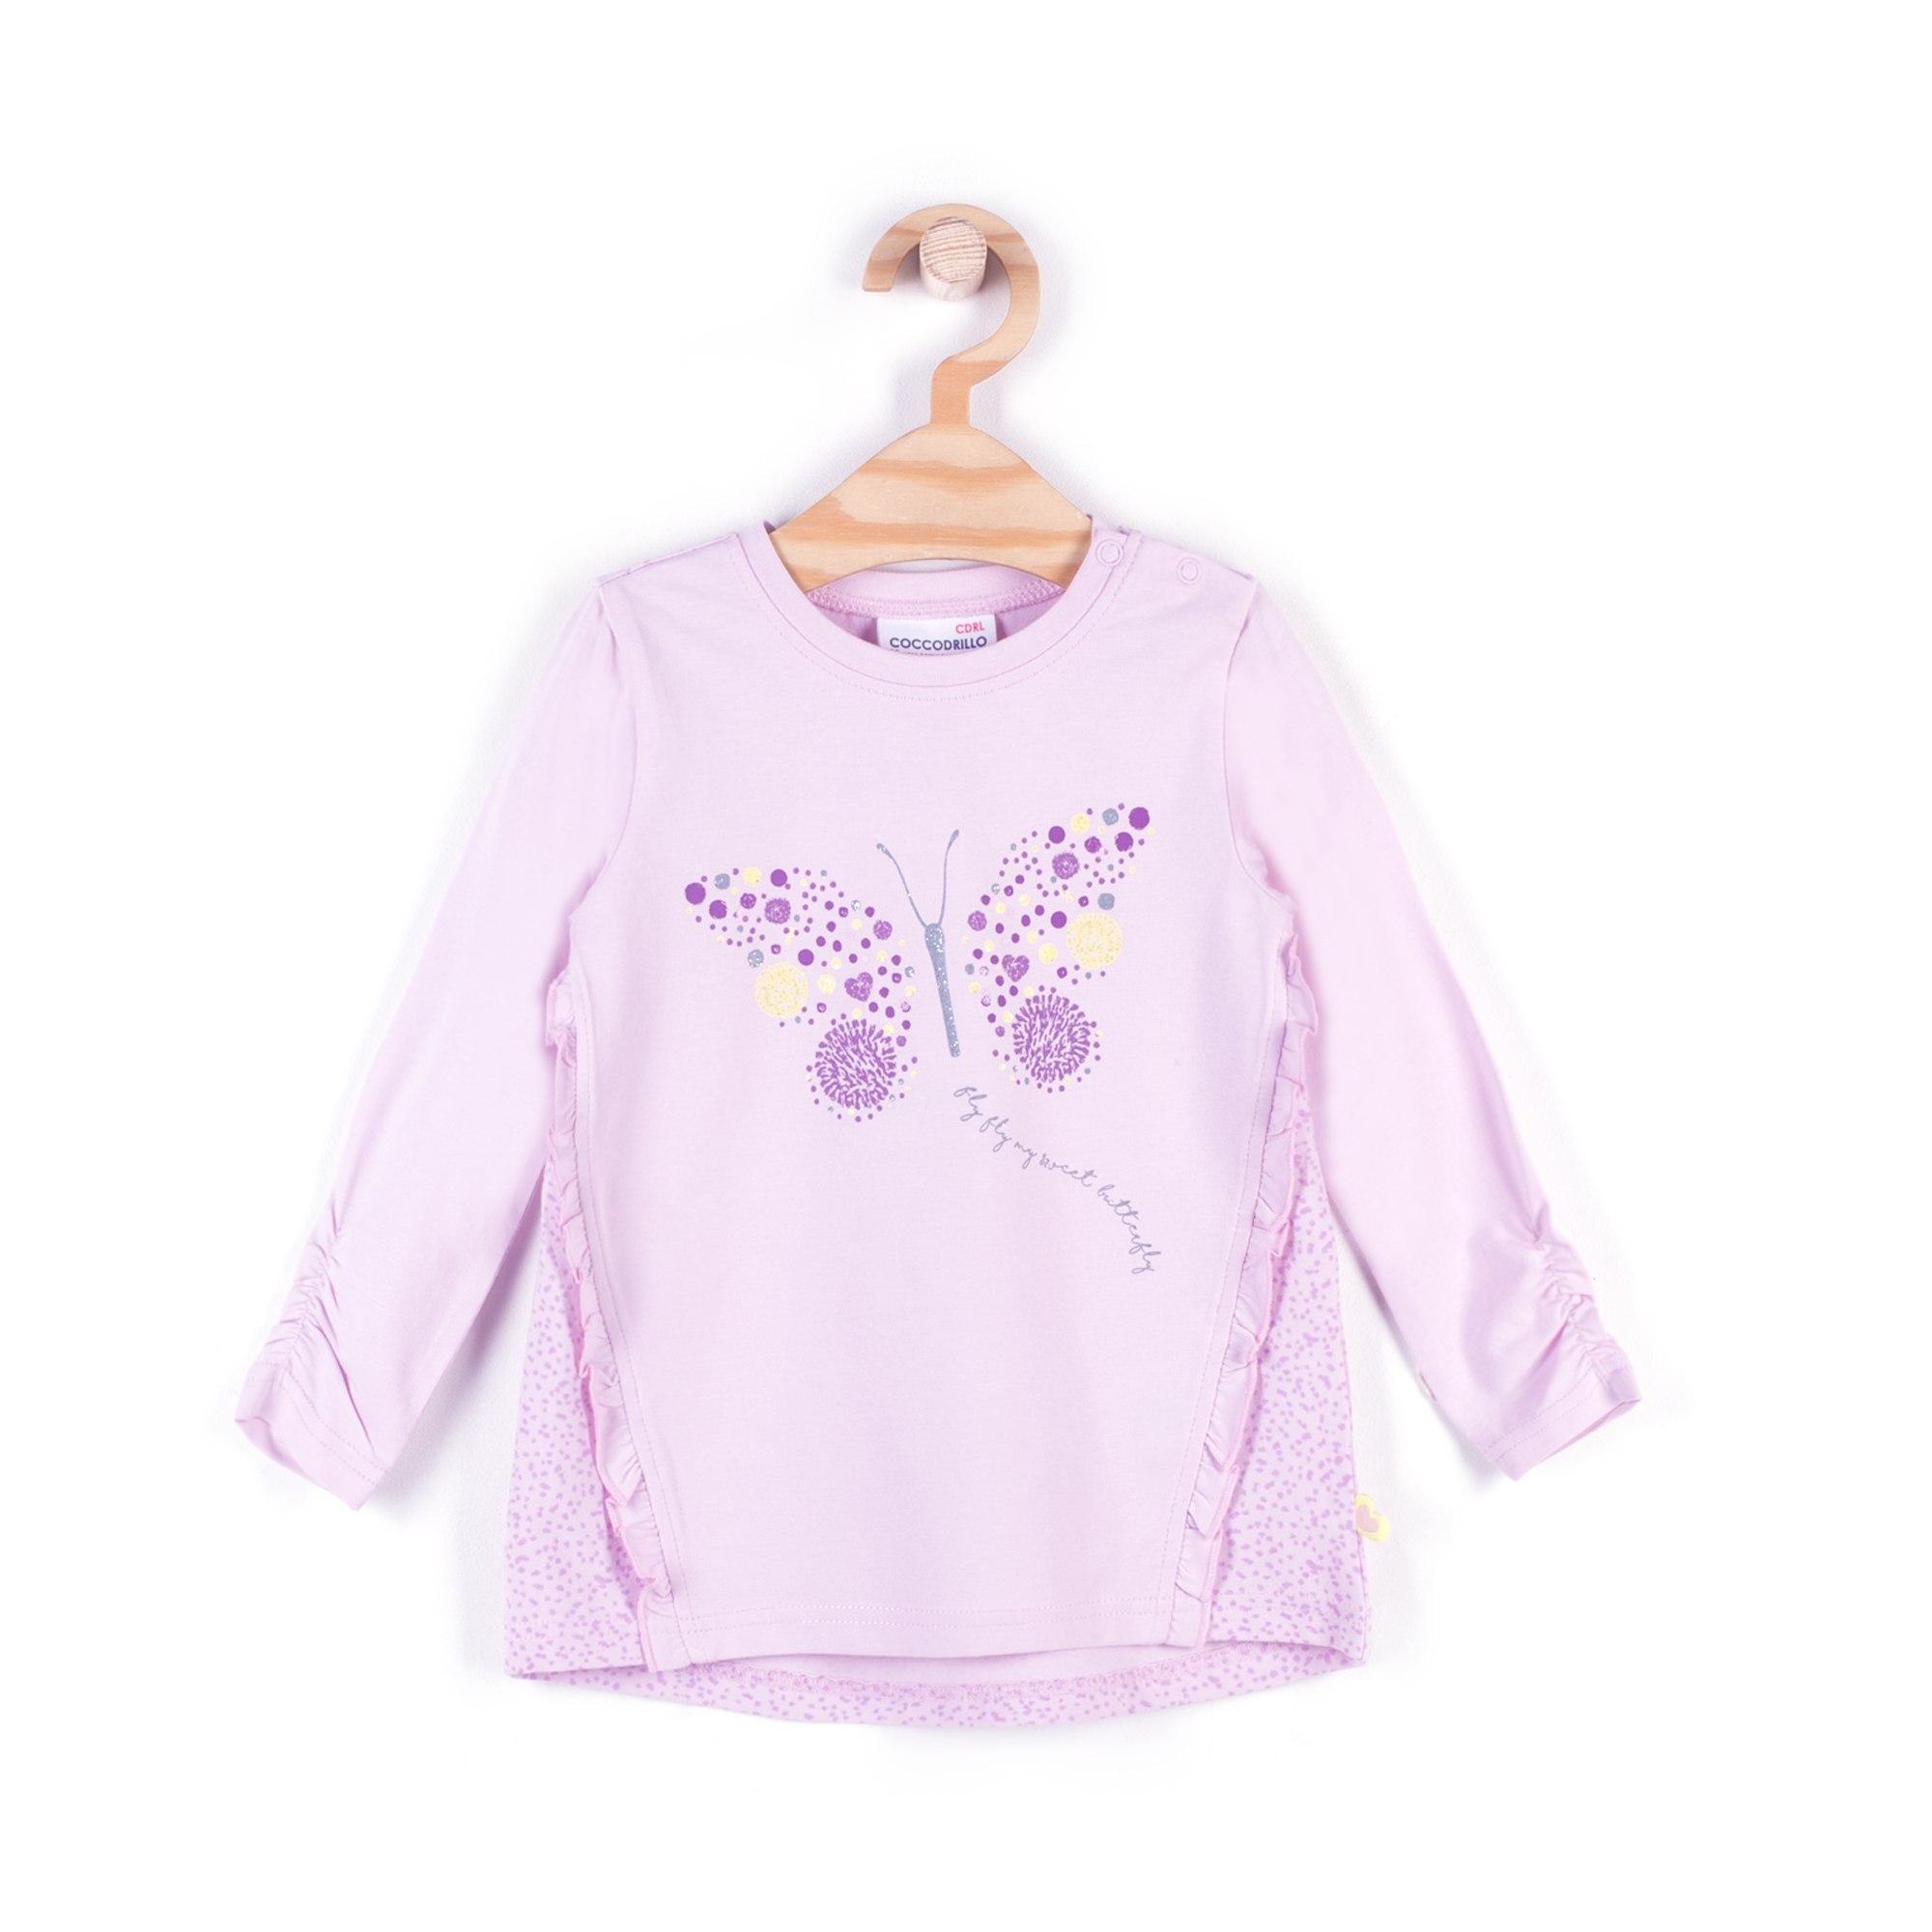 Купить W18144101BES, Лонгслив для девочек COCCODRILLO р.68, Детские футболки, топы